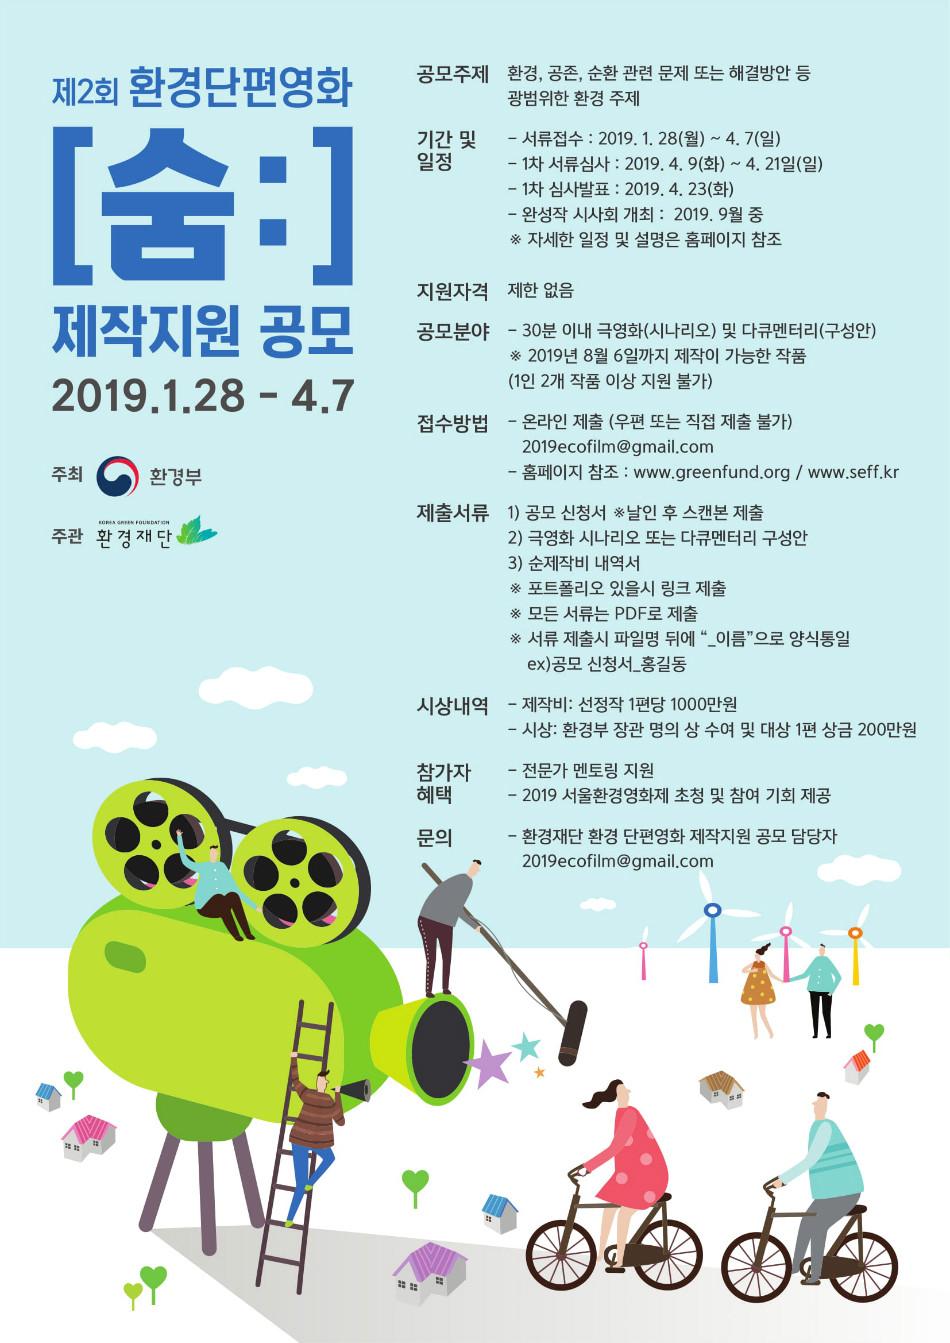 2회 환경단편영화 숨 공모전_웹포스터_최종안-1.jpg